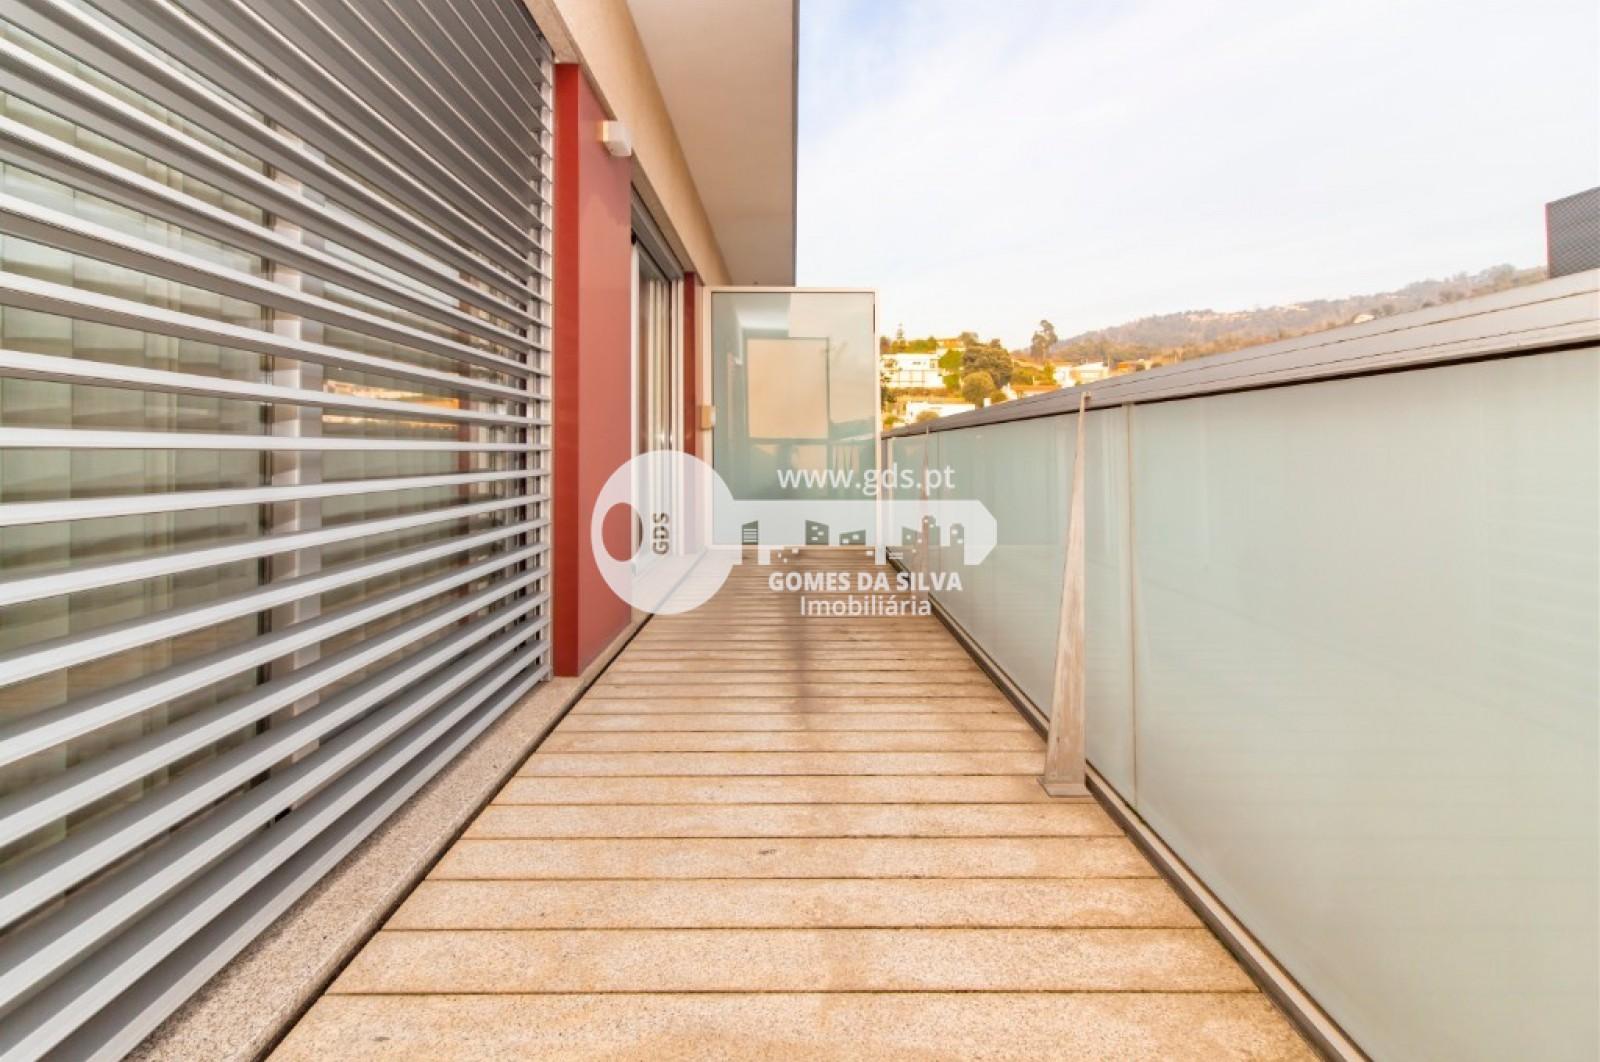 Apartamento T3 para Venda em Nogueira, Fraião e Lamaçães, Braga, Braga - Imagem 54